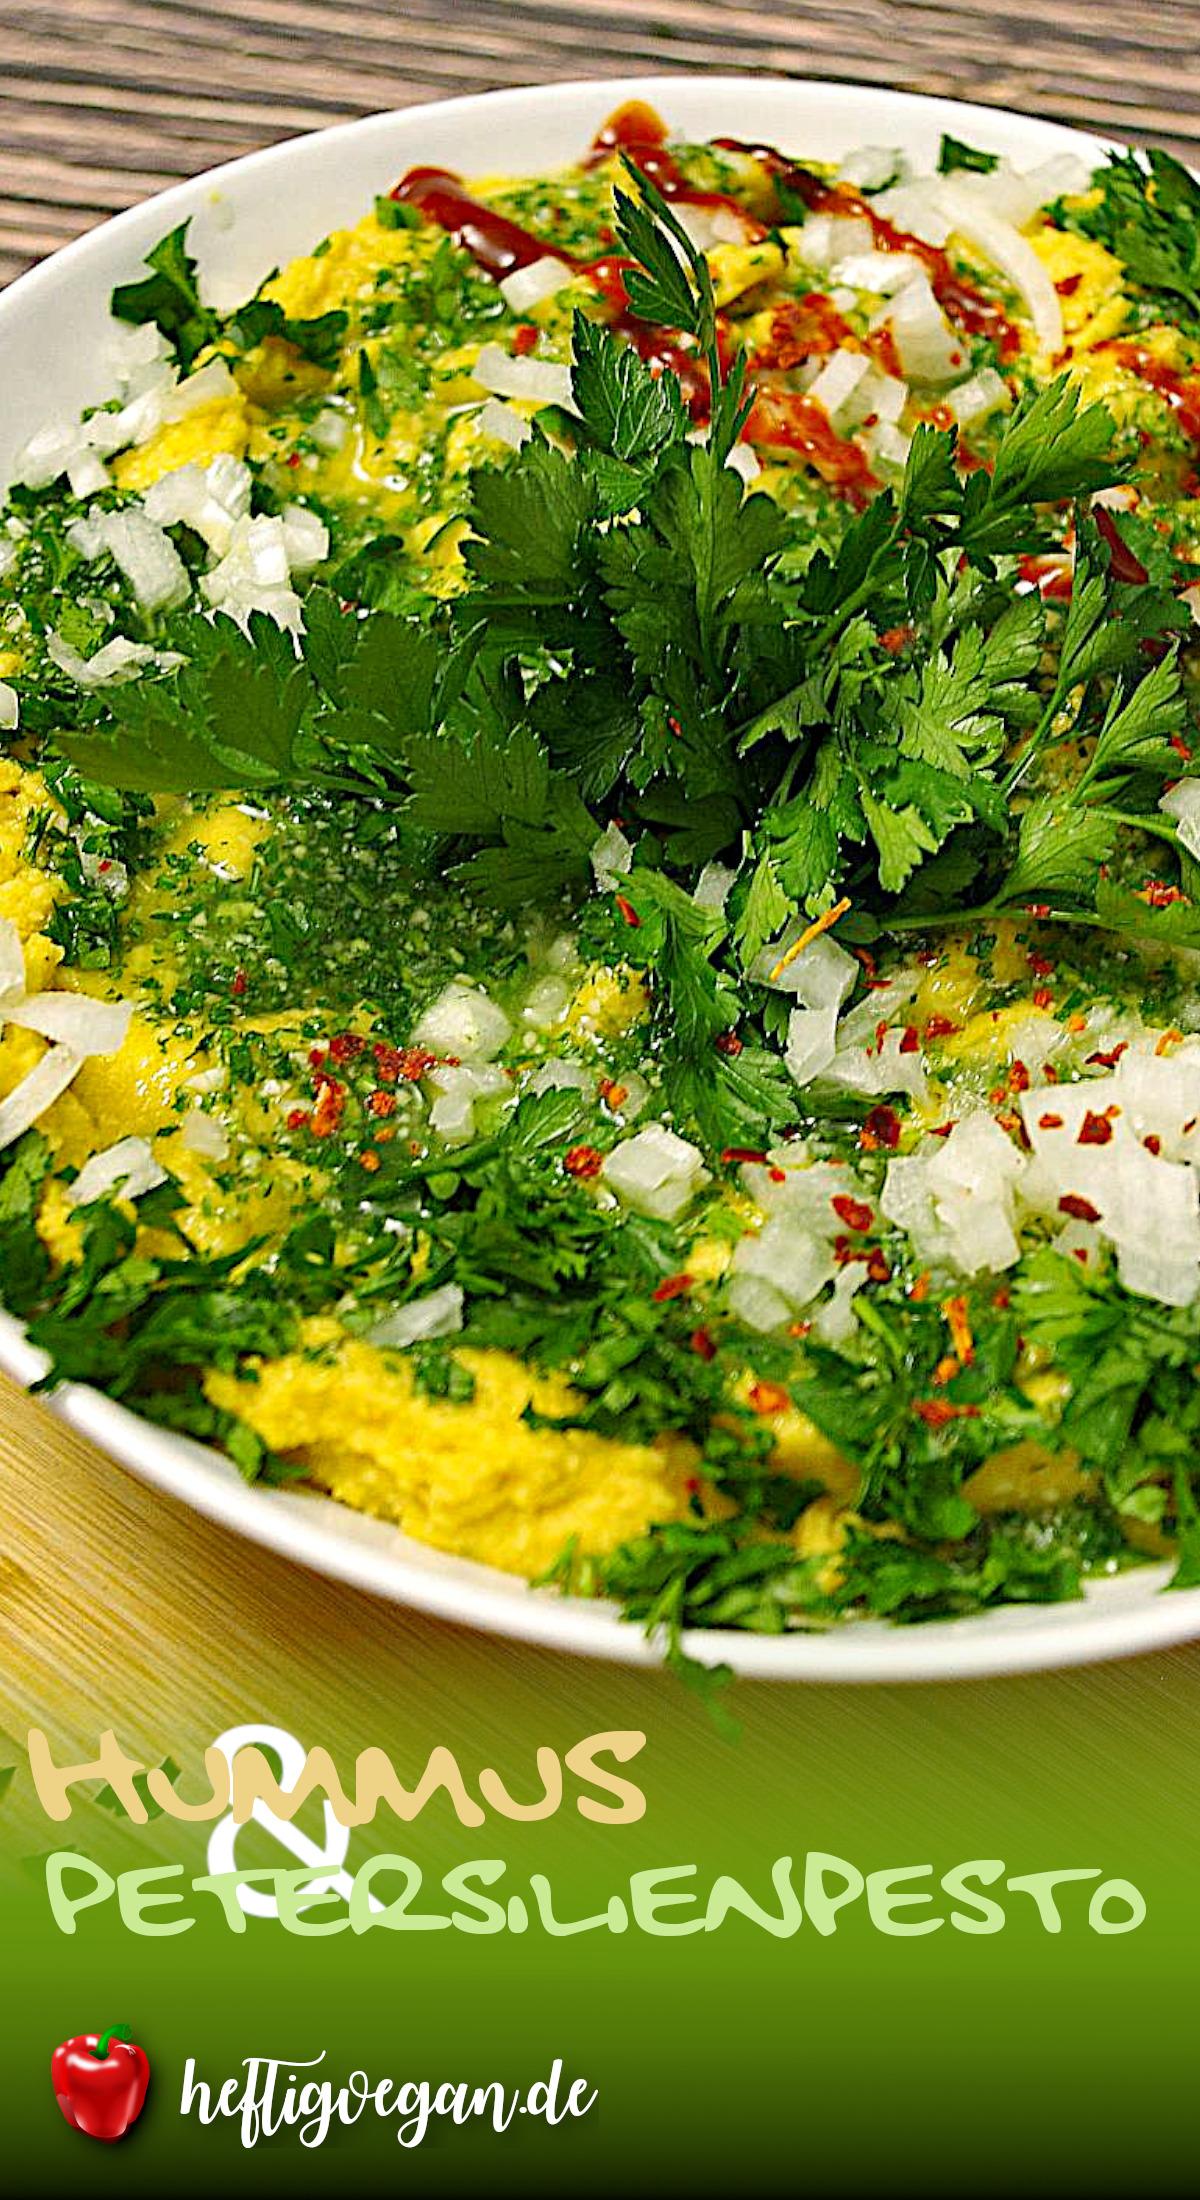 Hummus mit Petersilienpesto auf Pinterest